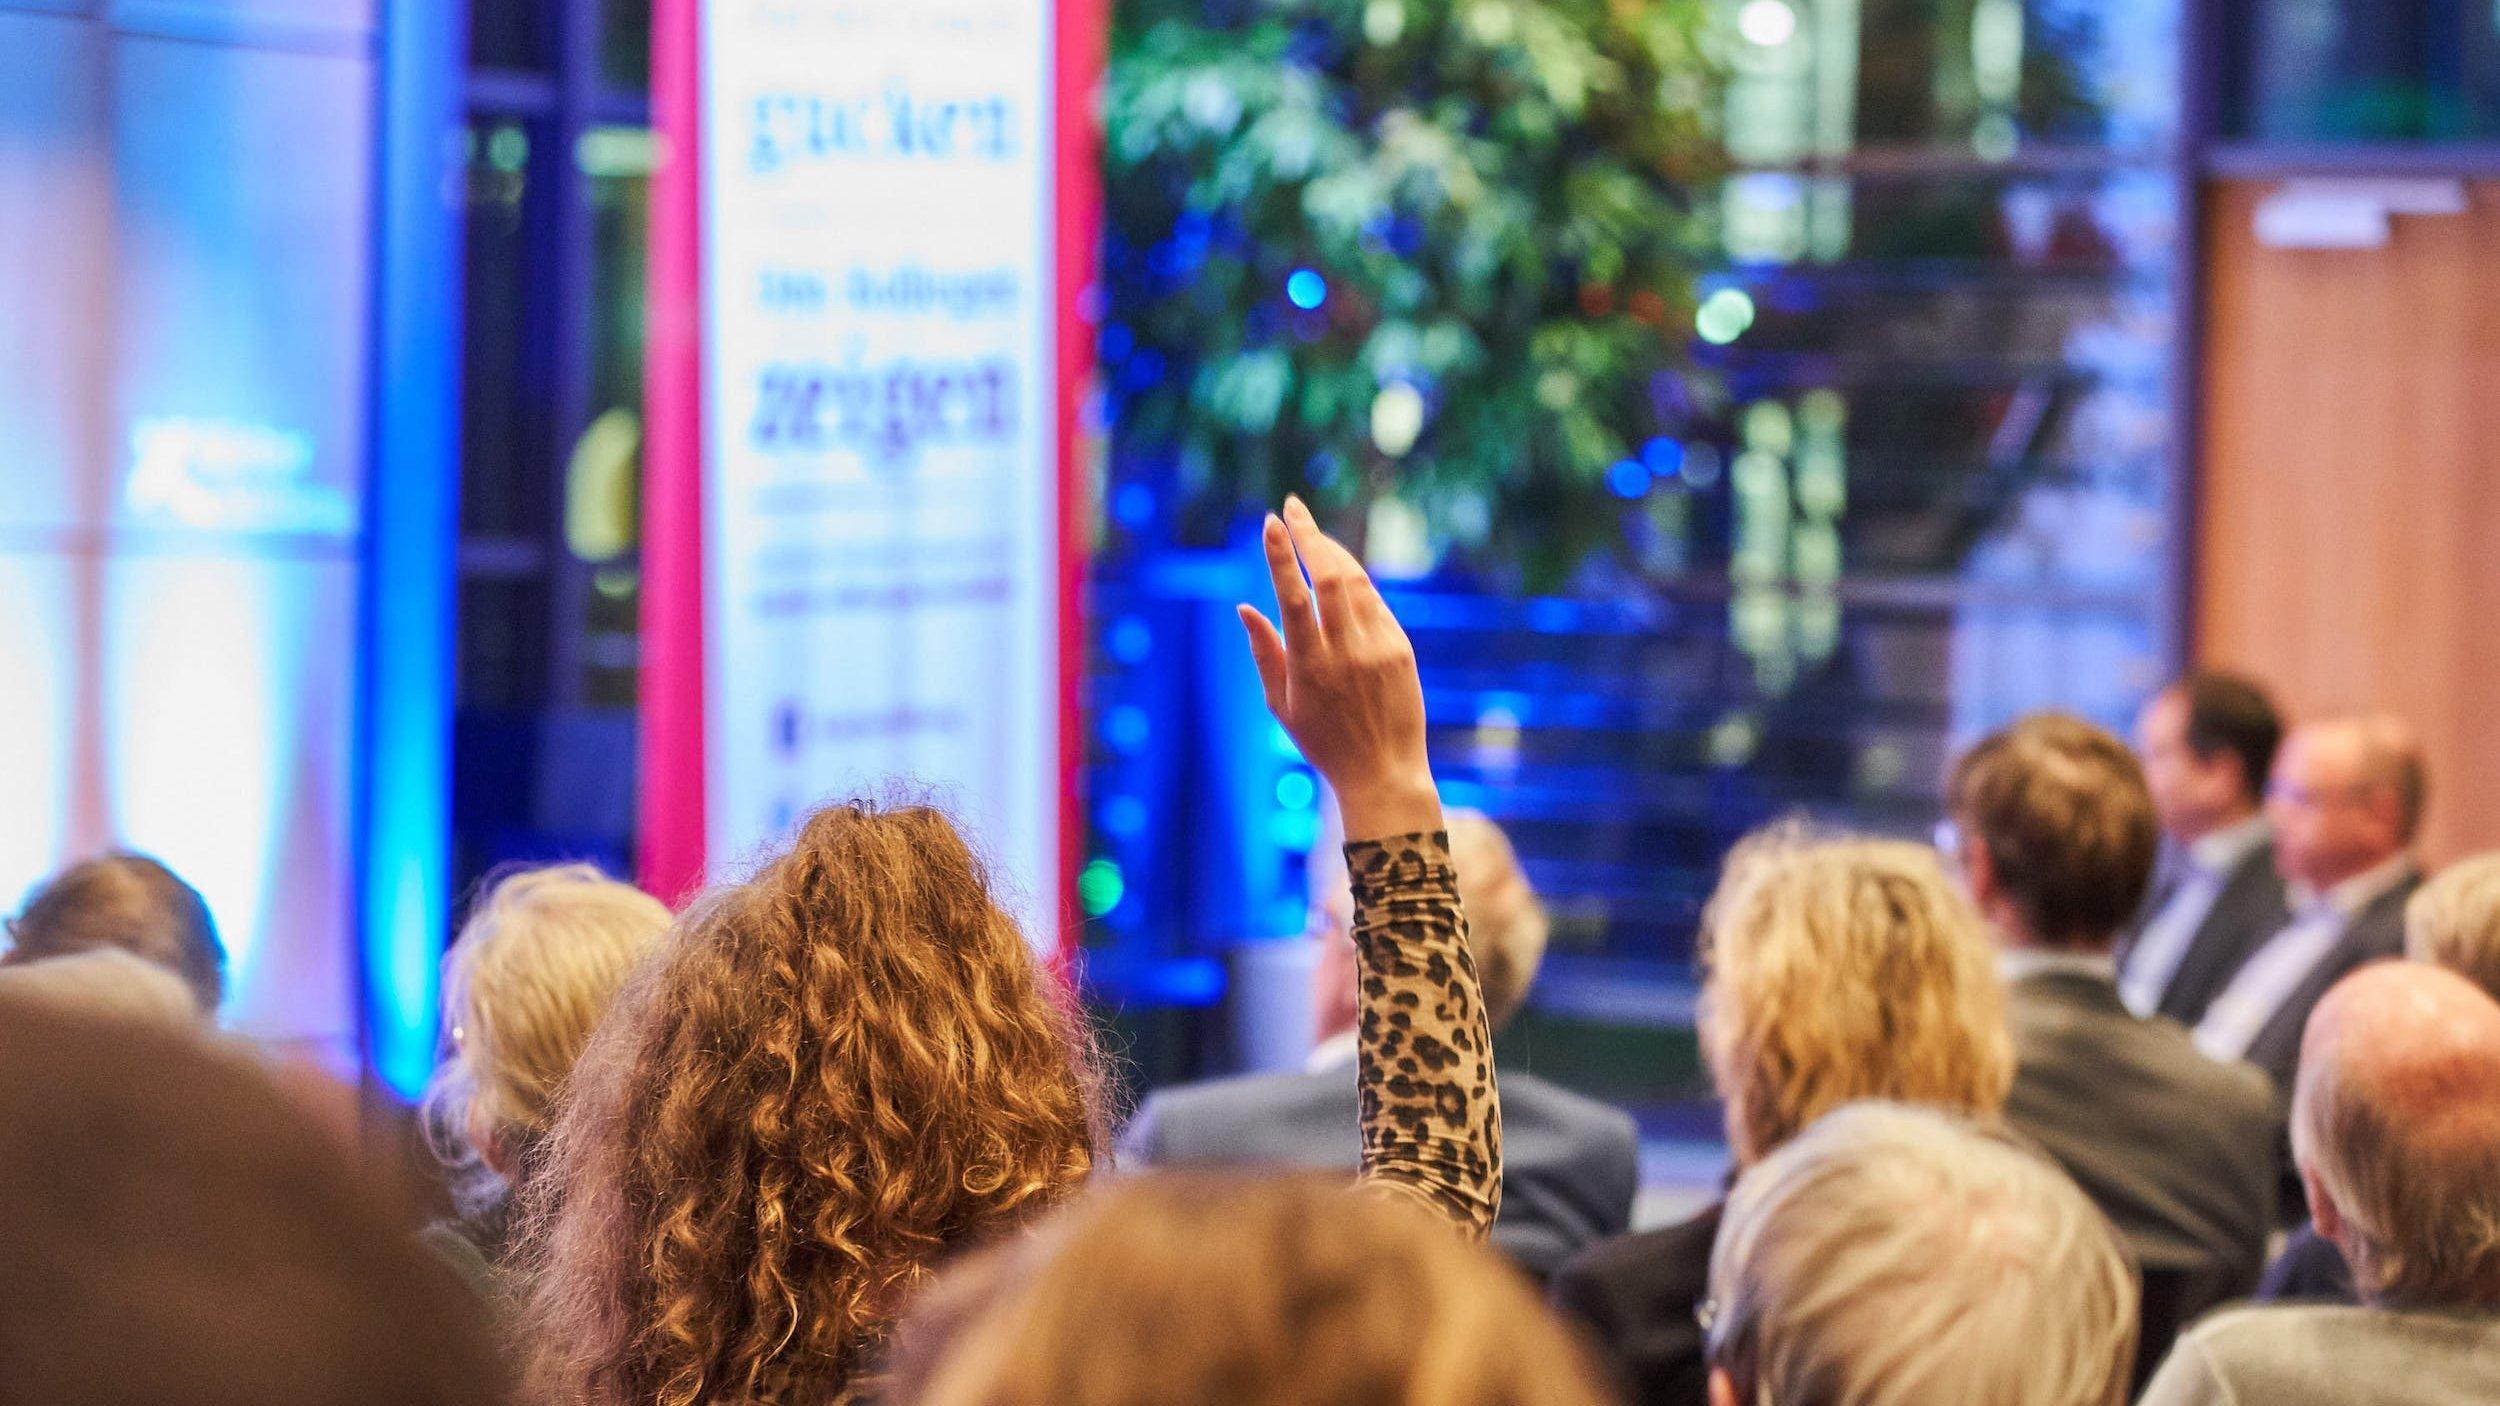 Eine Frau hebt bei einer Veranstaltung die Hand, um zu Wort zu kommen